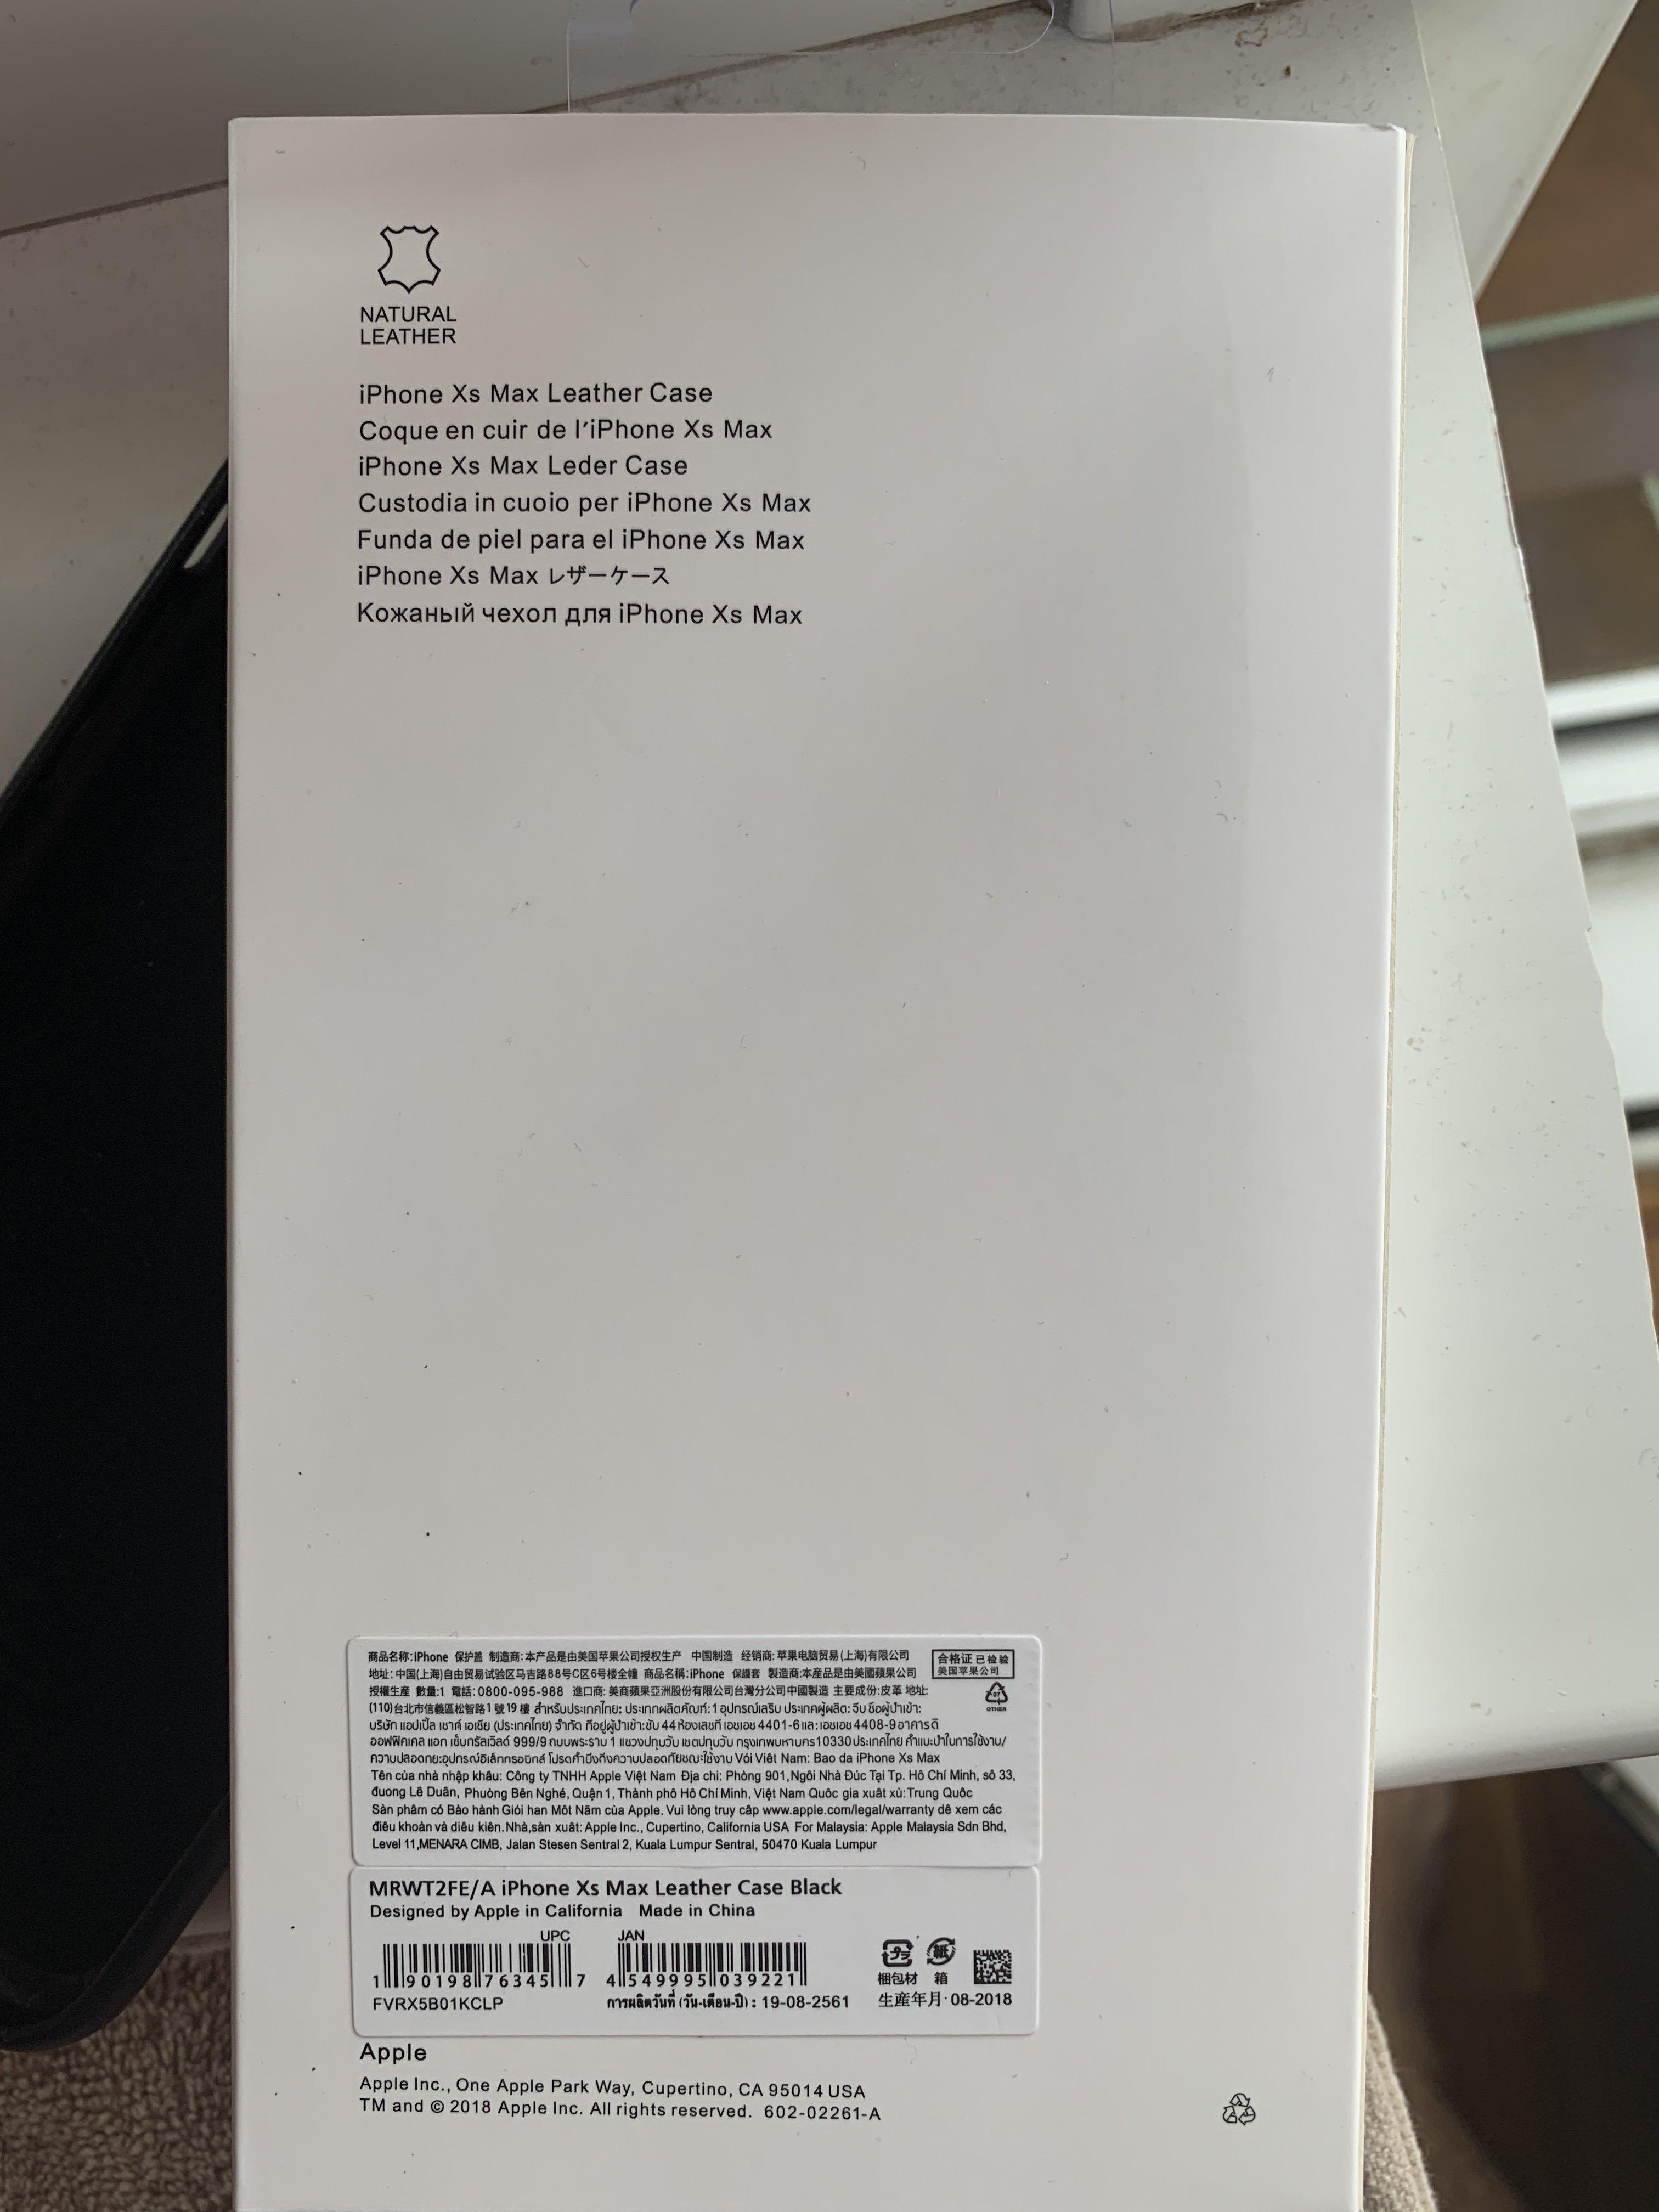 063F31CD-667D-4CAD-B67A-5786217F8EAC.jpeg